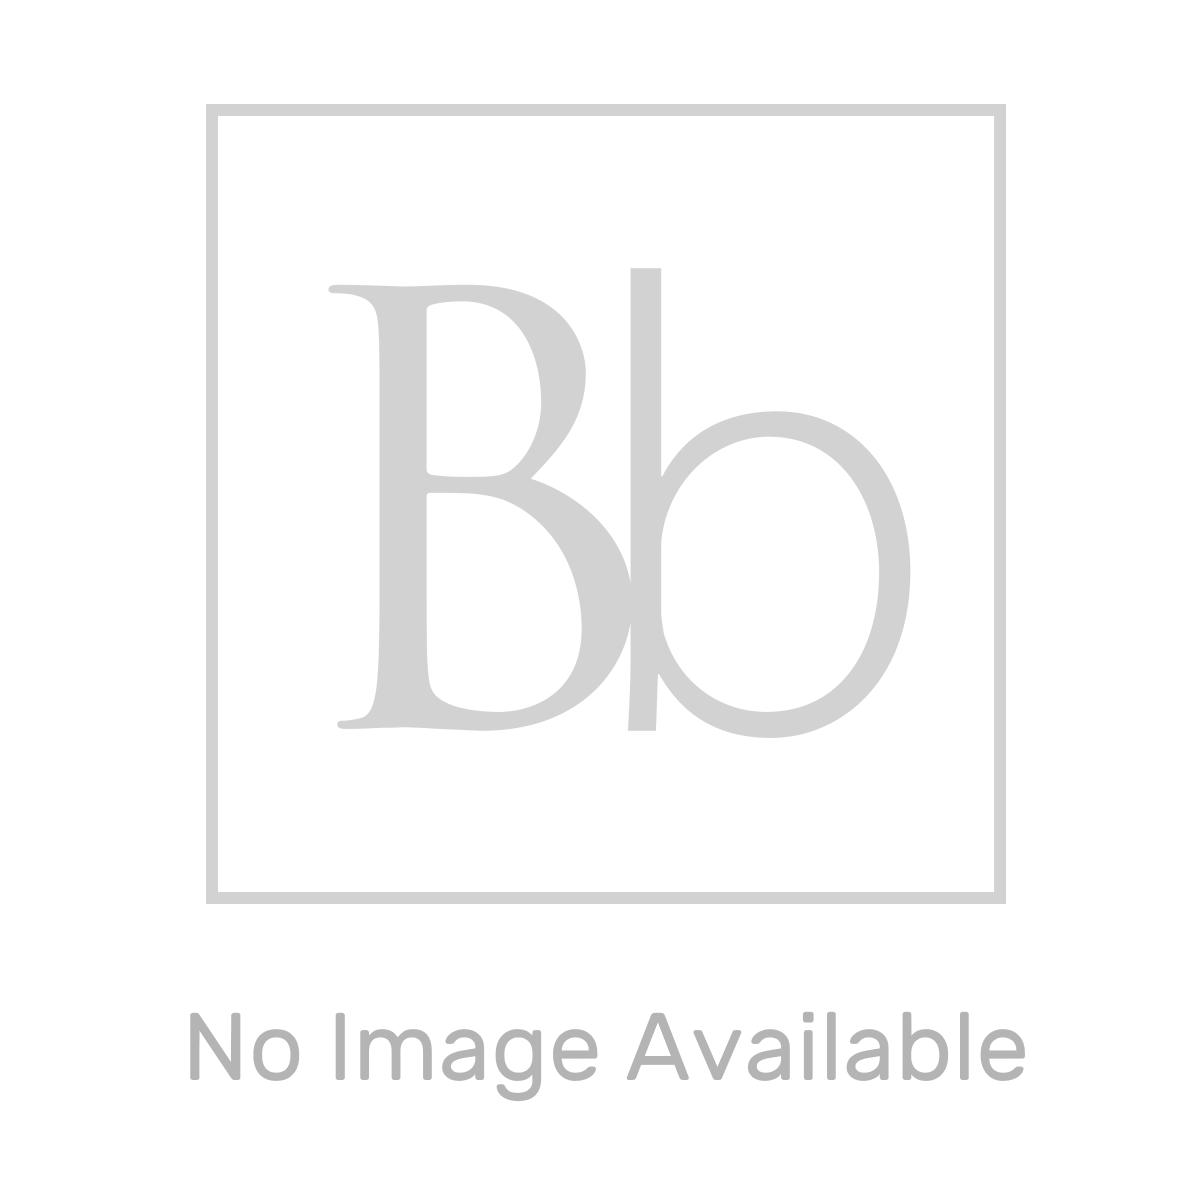 Bathrooms To Love Luxey Matt Black Ceramic Washbowl & Waste 355mm 1